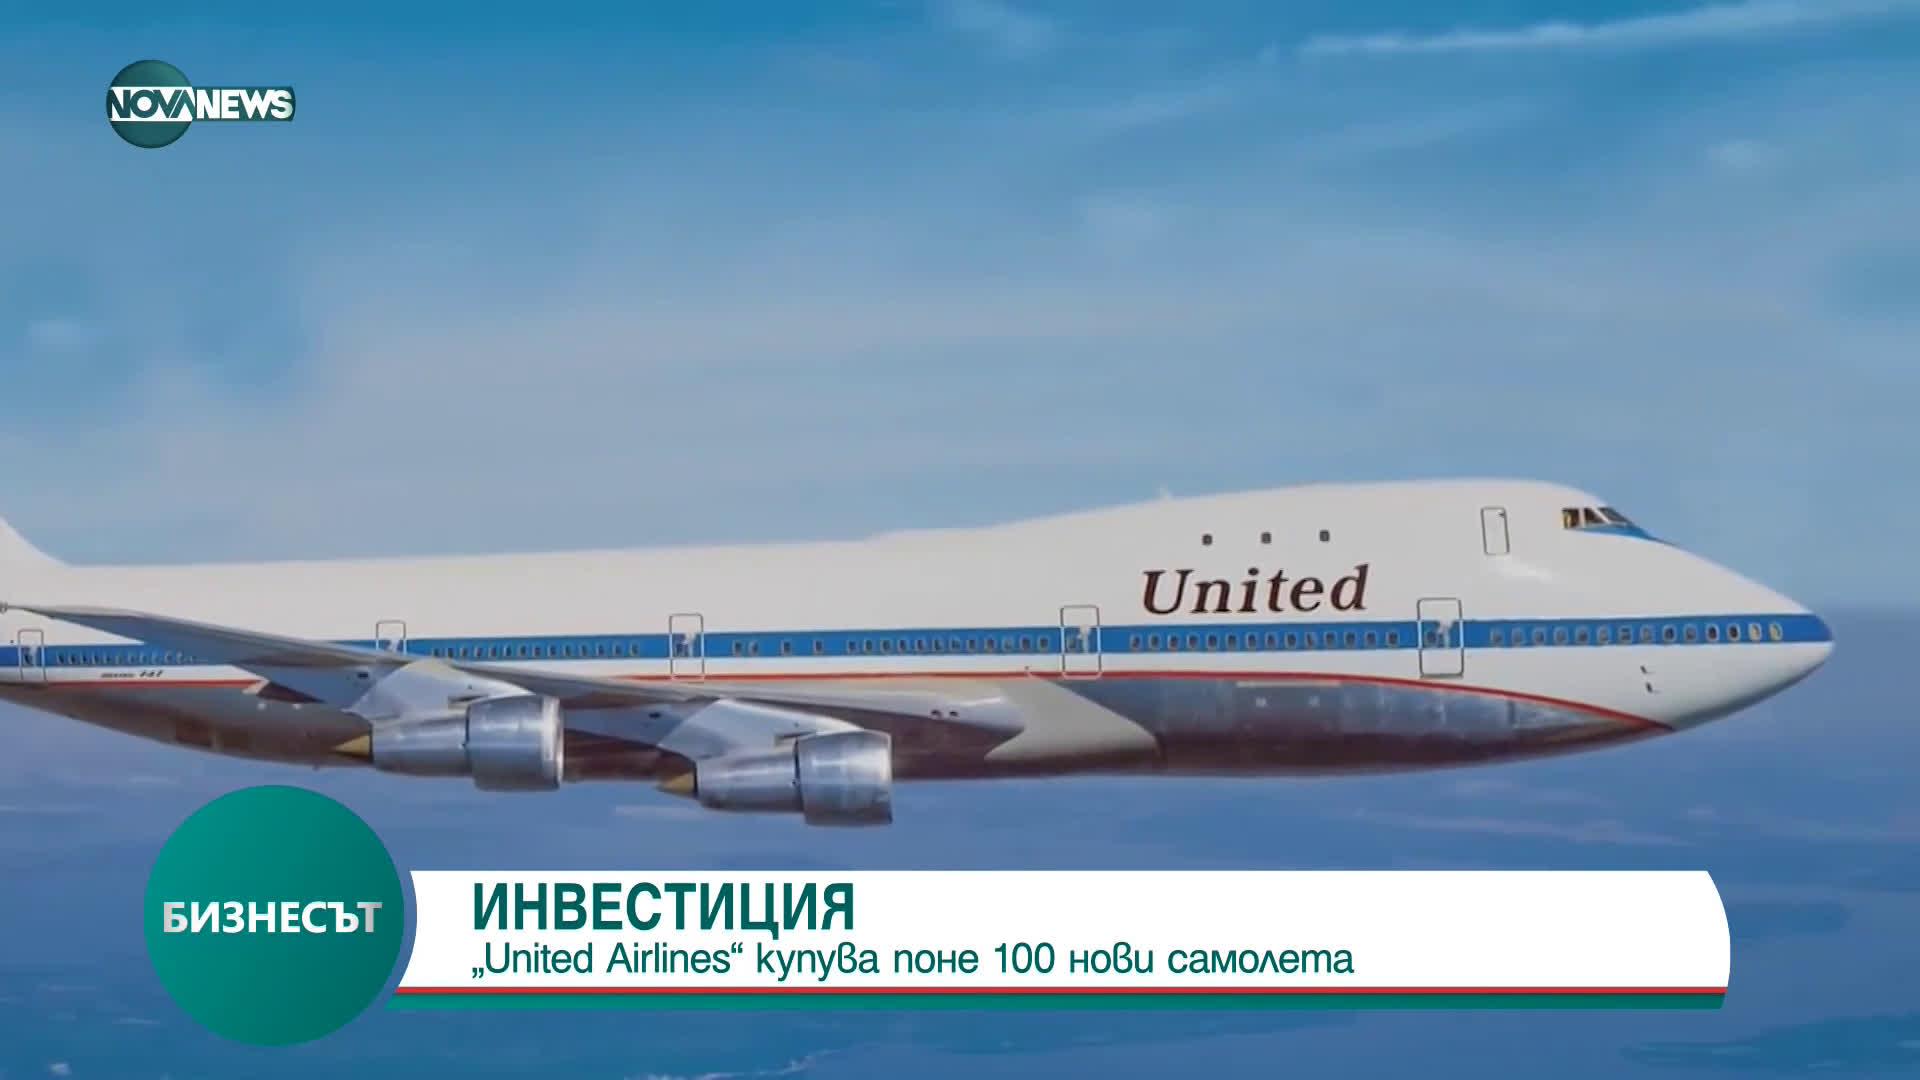 United Airlines купува поне 100 нови самолета